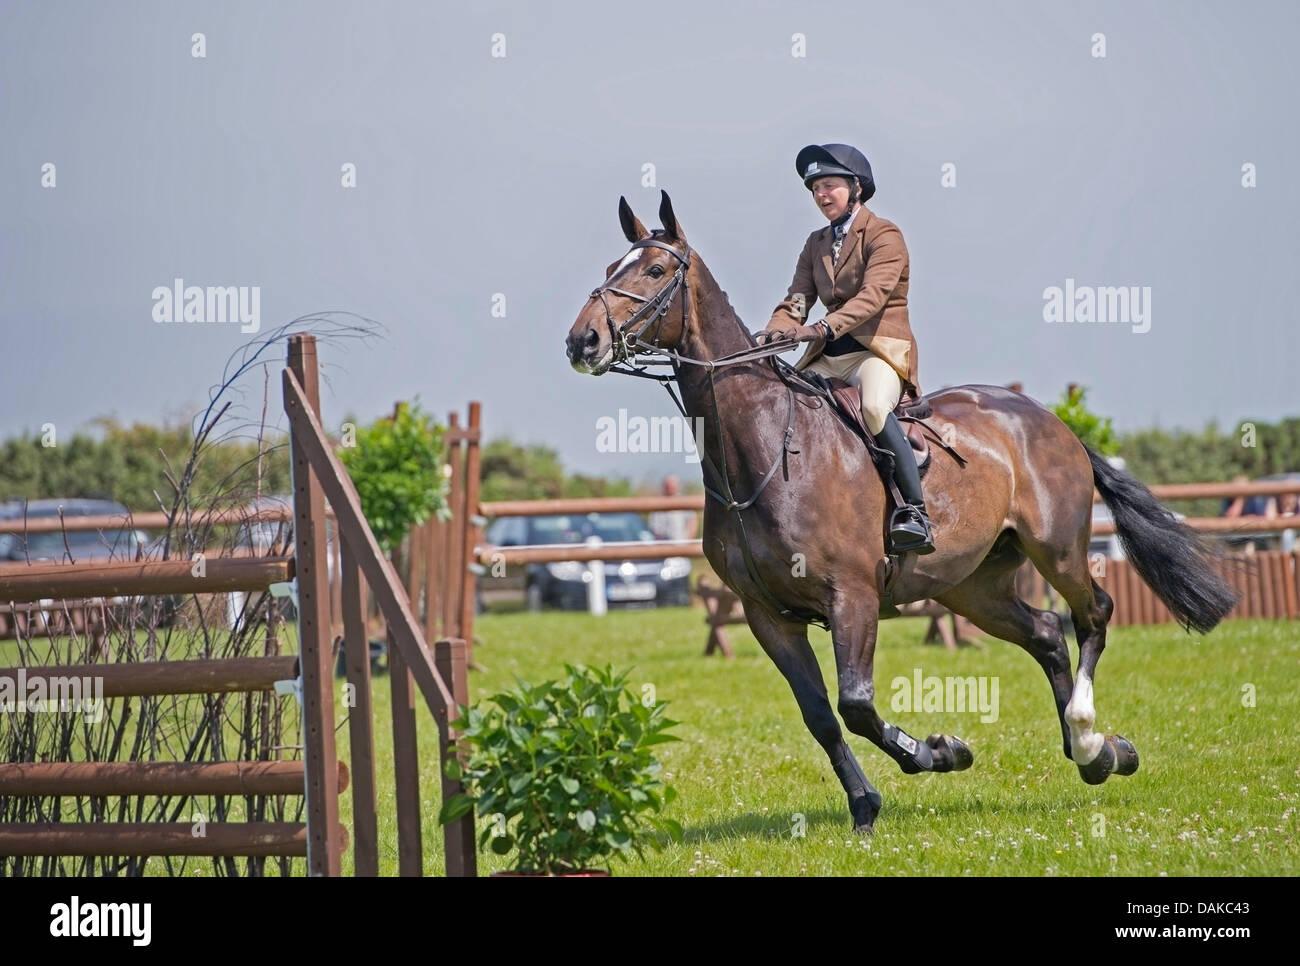 Stithians, UK. 15 juillet, 2013. L'approche de la clôture au cours du concours de saut à l'Stithians Photo Stock